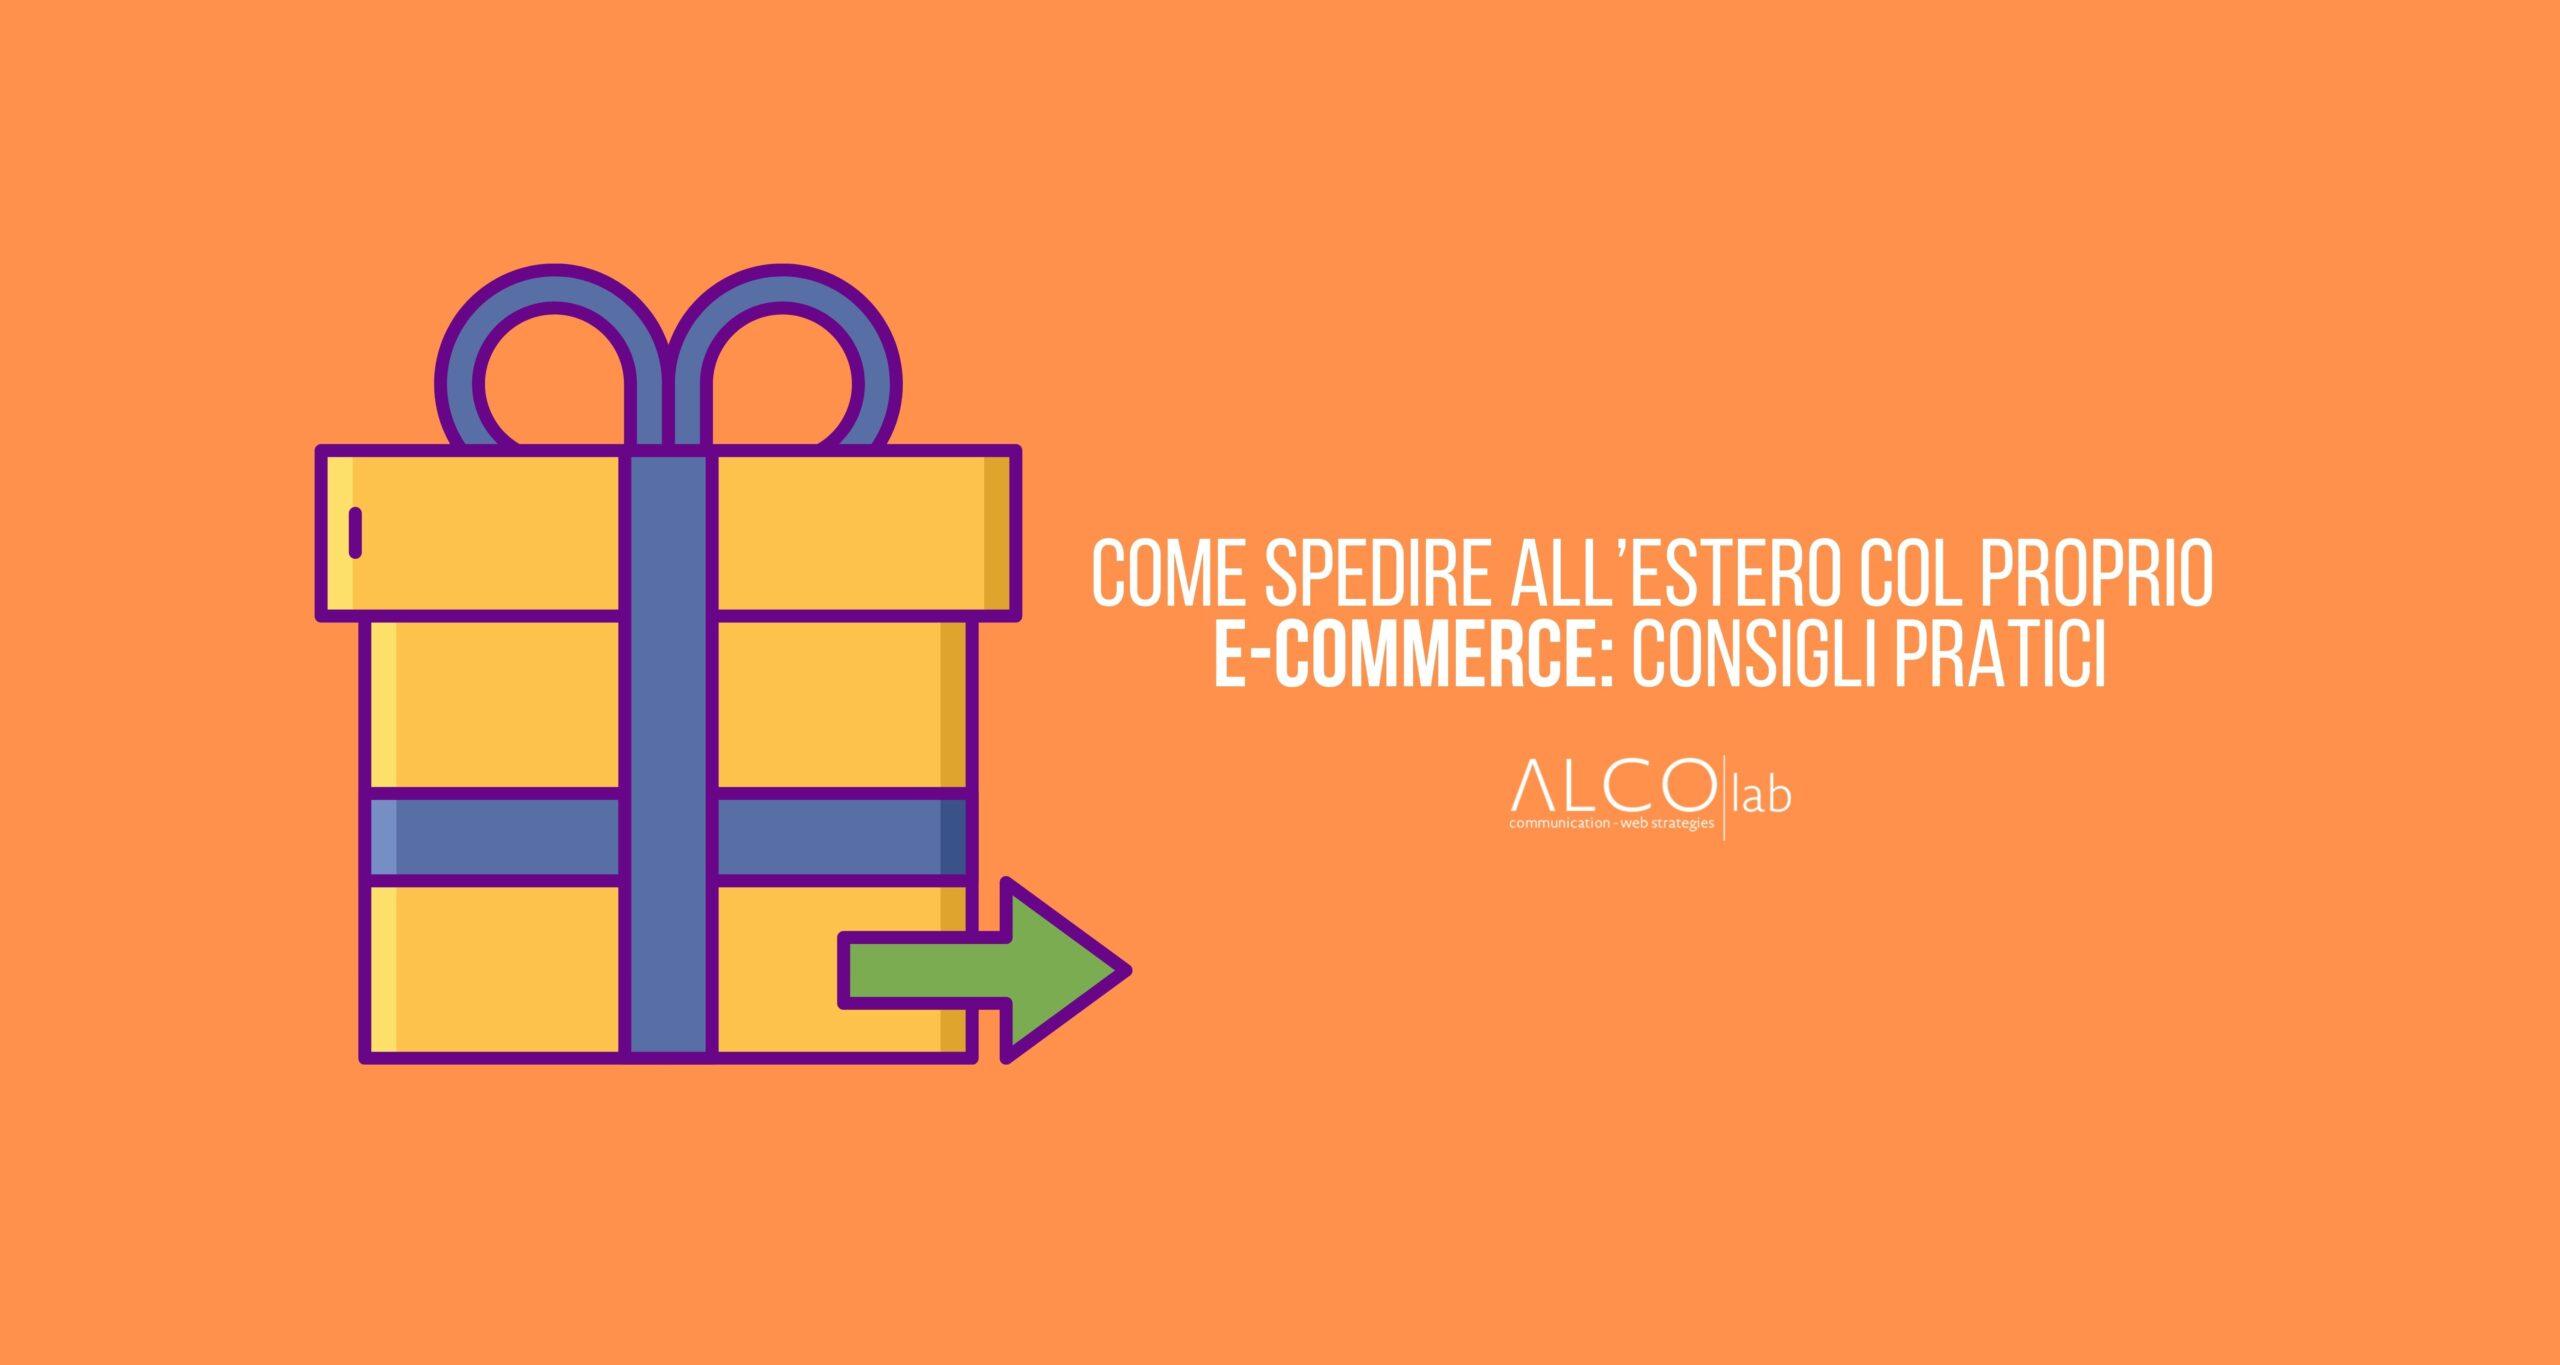 spedire all'estero col proprio e-commerce